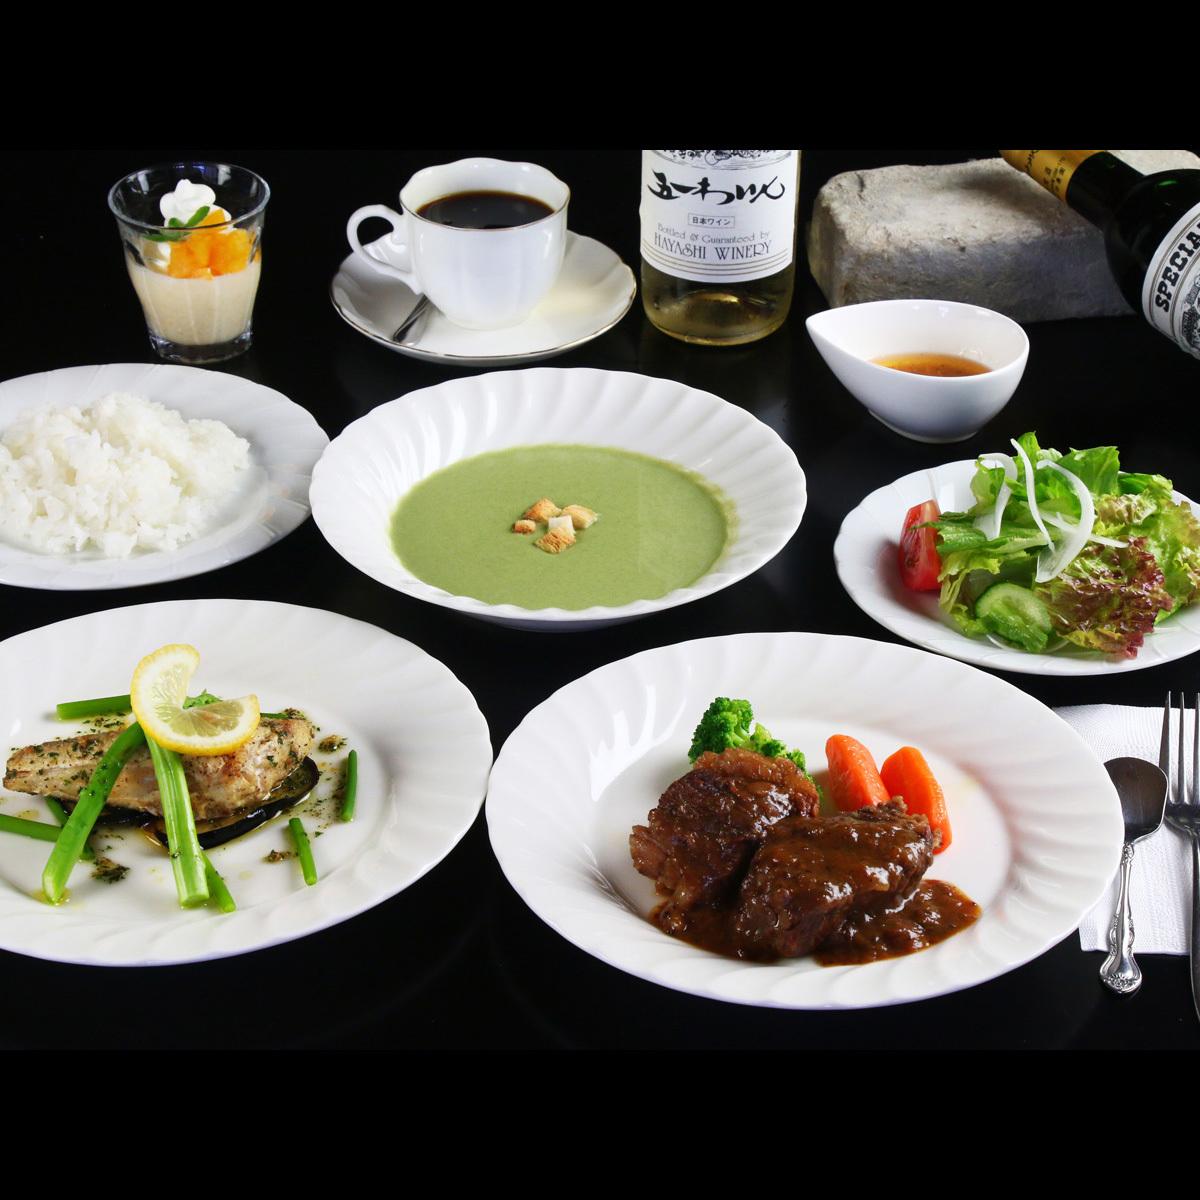 【スタンダード 全体の一例】お肉とお魚料理両方楽しめます